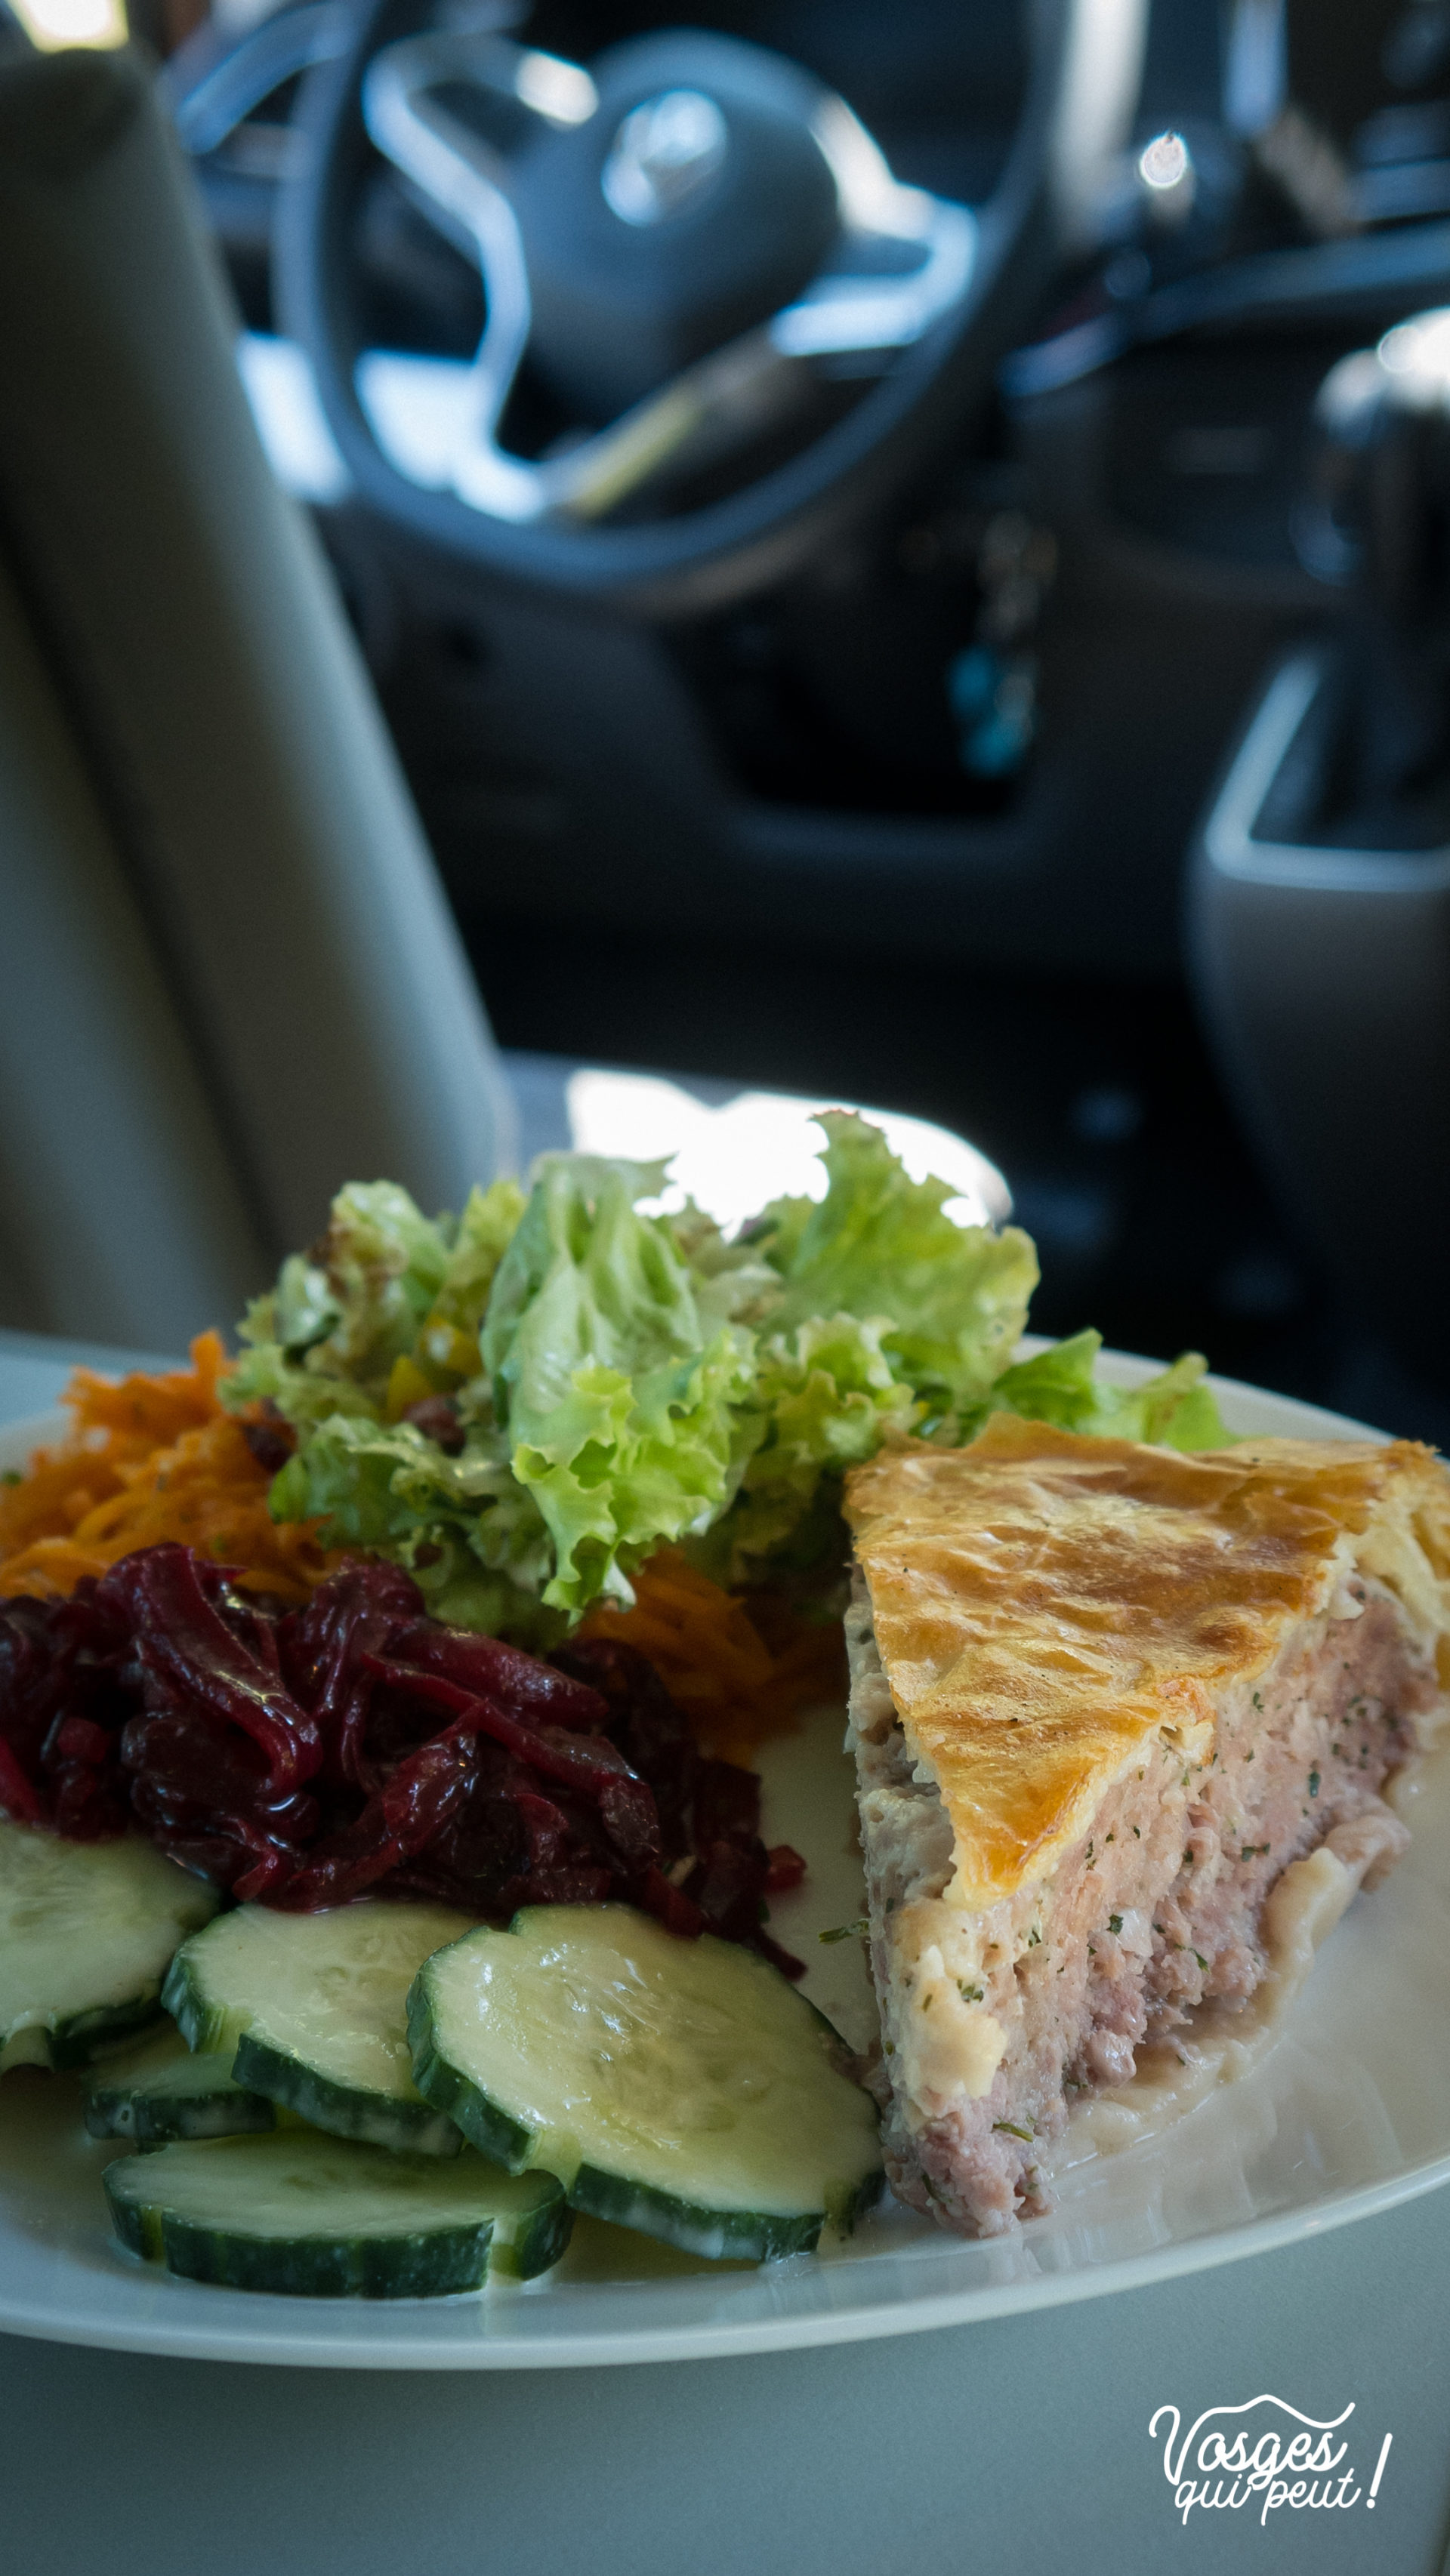 Une tourte à la viande et ses crudités, servies dans une assiette dans un van aménagé WeVan